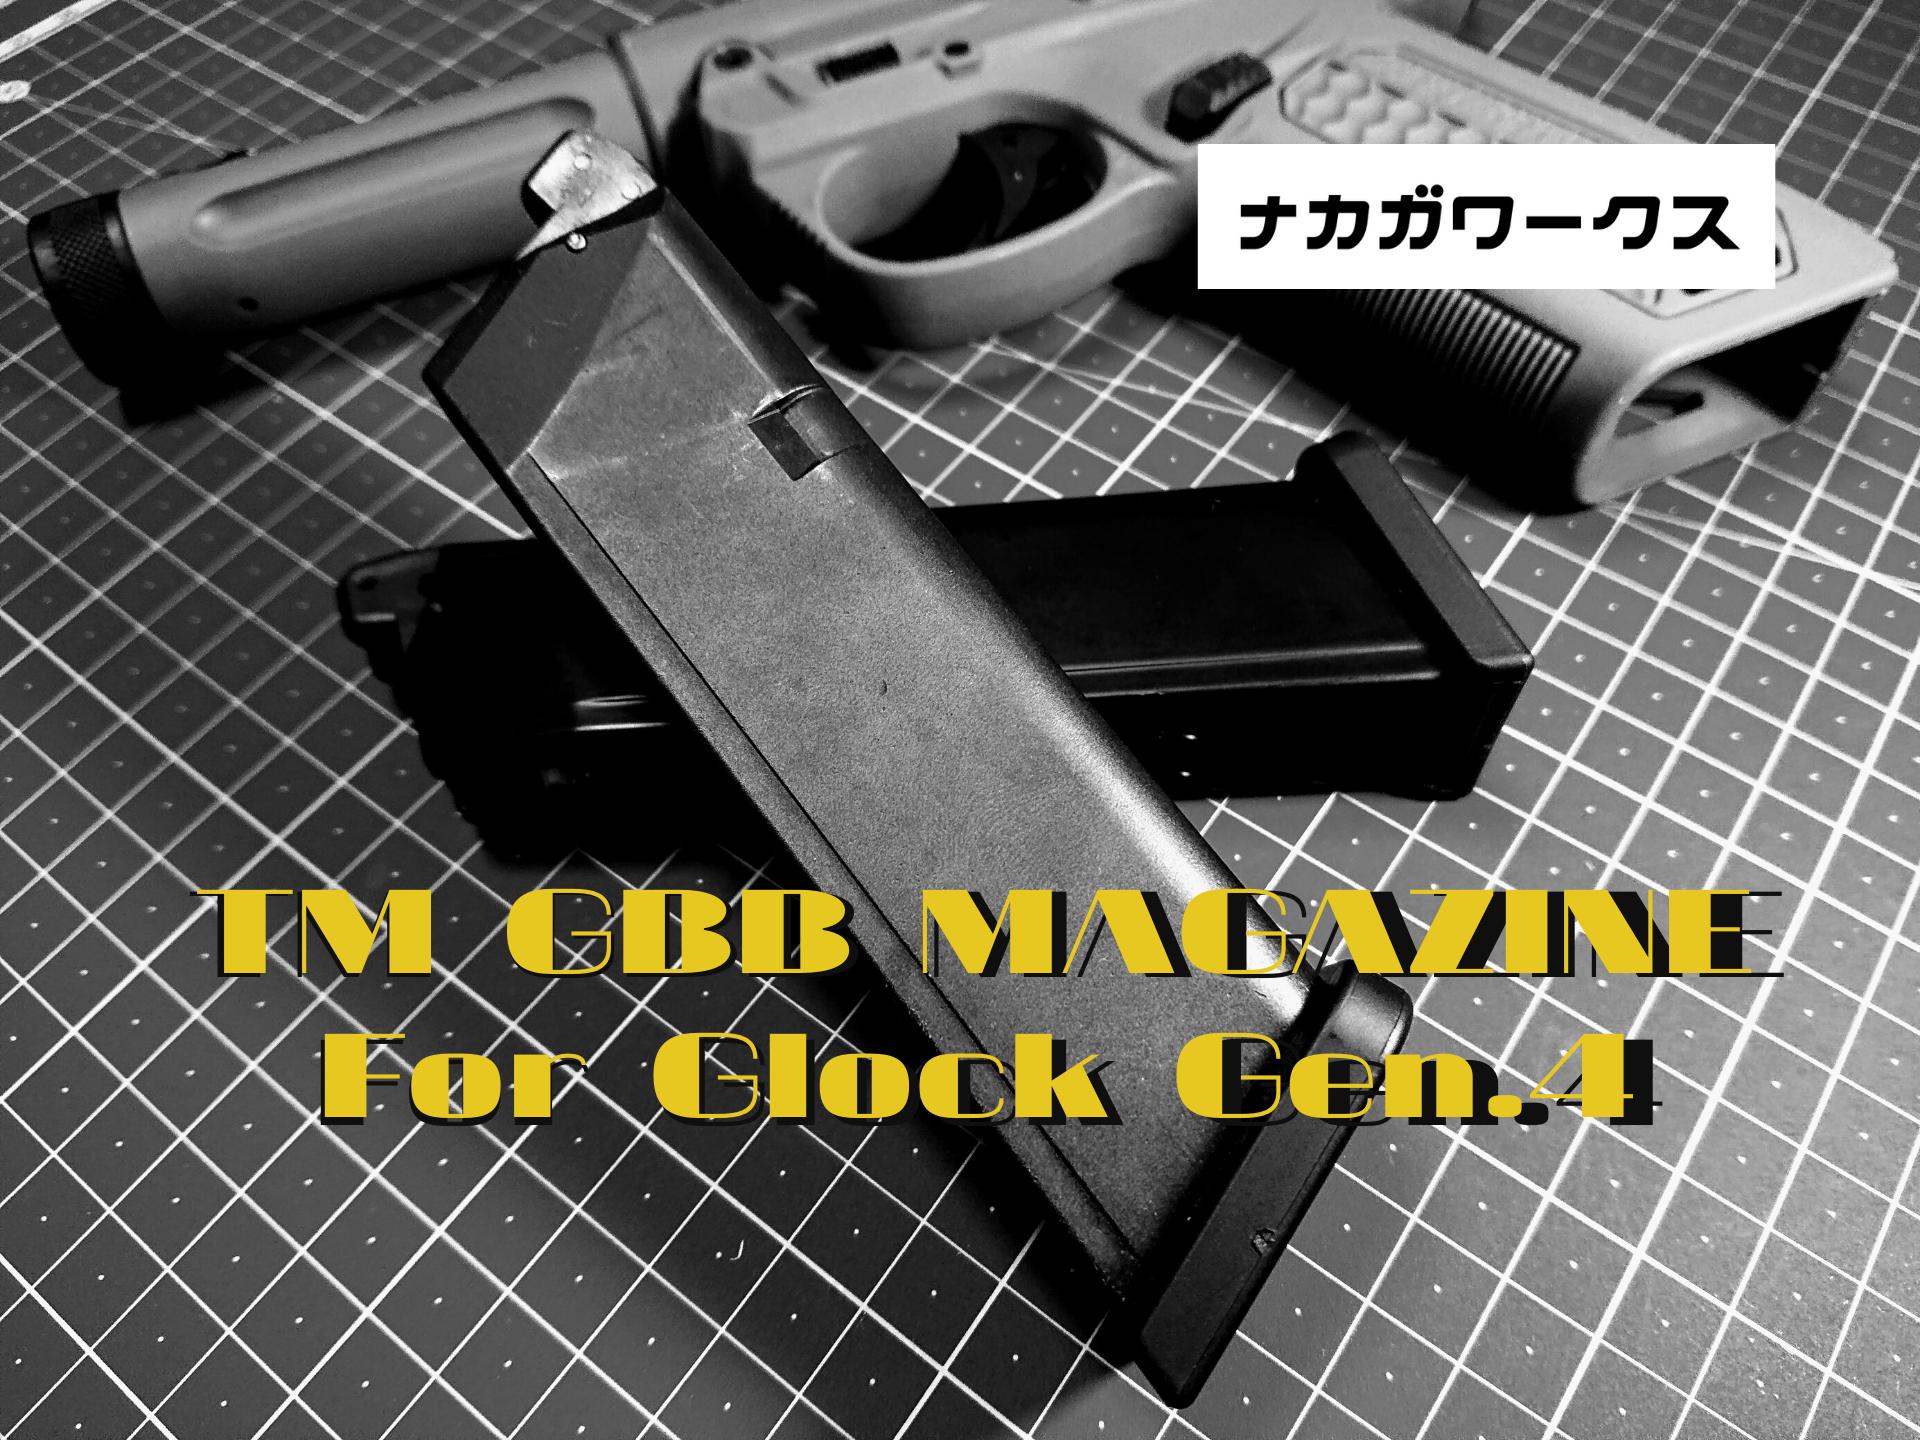 東京マルイ グロック17 Gen.4マガジンのAAP-01アサシン互換性/ TM Glock17 Gen.4 Magazine